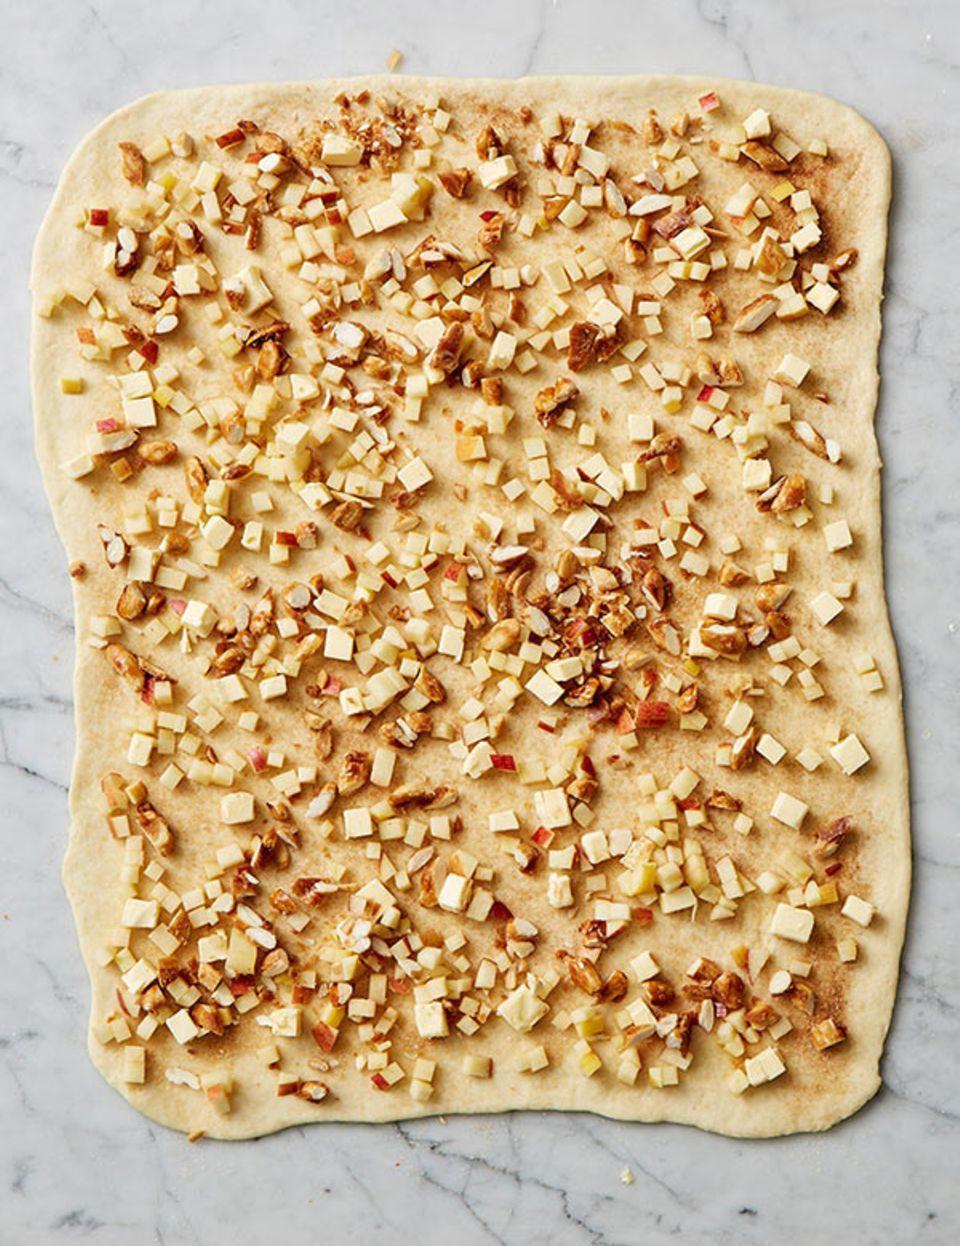 In Ahornsirup karamellisierte Mandelkerne knacken zwischen säuerlichen Äpfeln und Zimtzucker